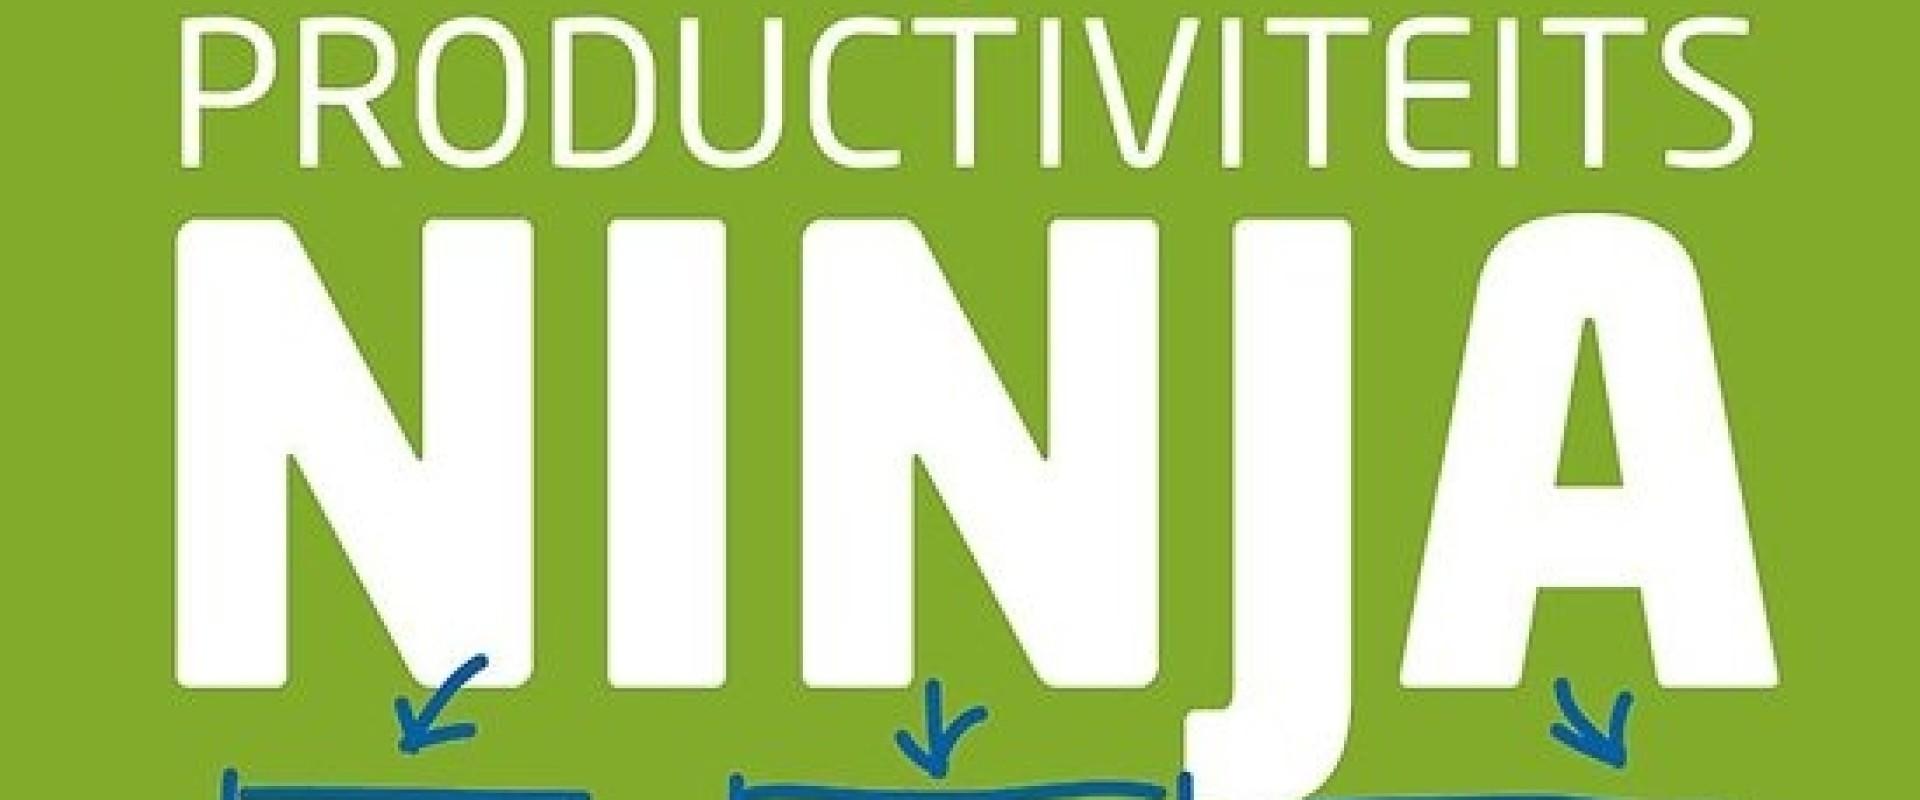 Productiviteitsninja: zo word je er eentje!